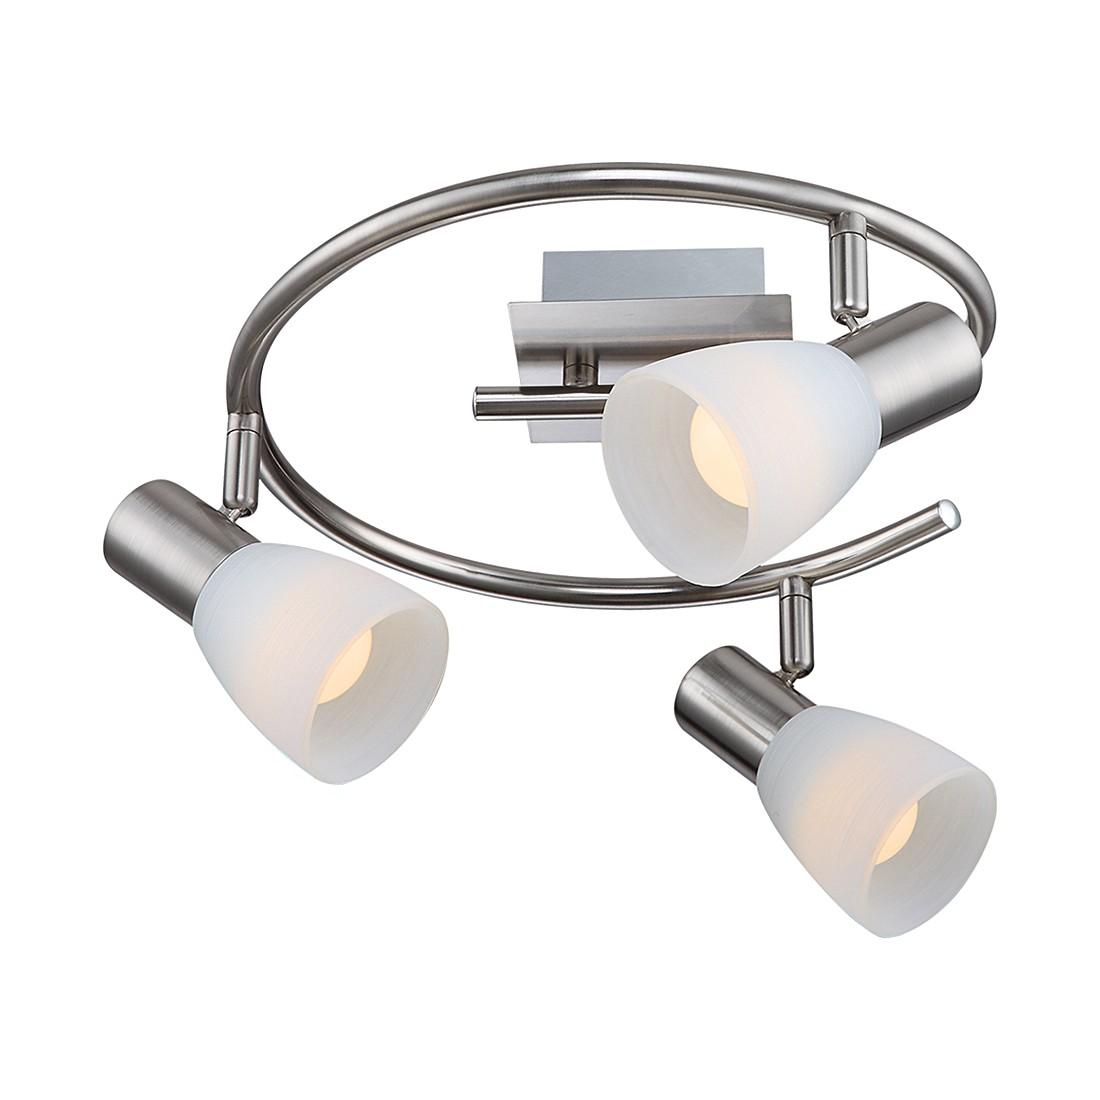 EEK A++, Deckenstrahler PARRY I – Nickel/Glas – 3-flammig, Globo Lighting jetzt bestellen